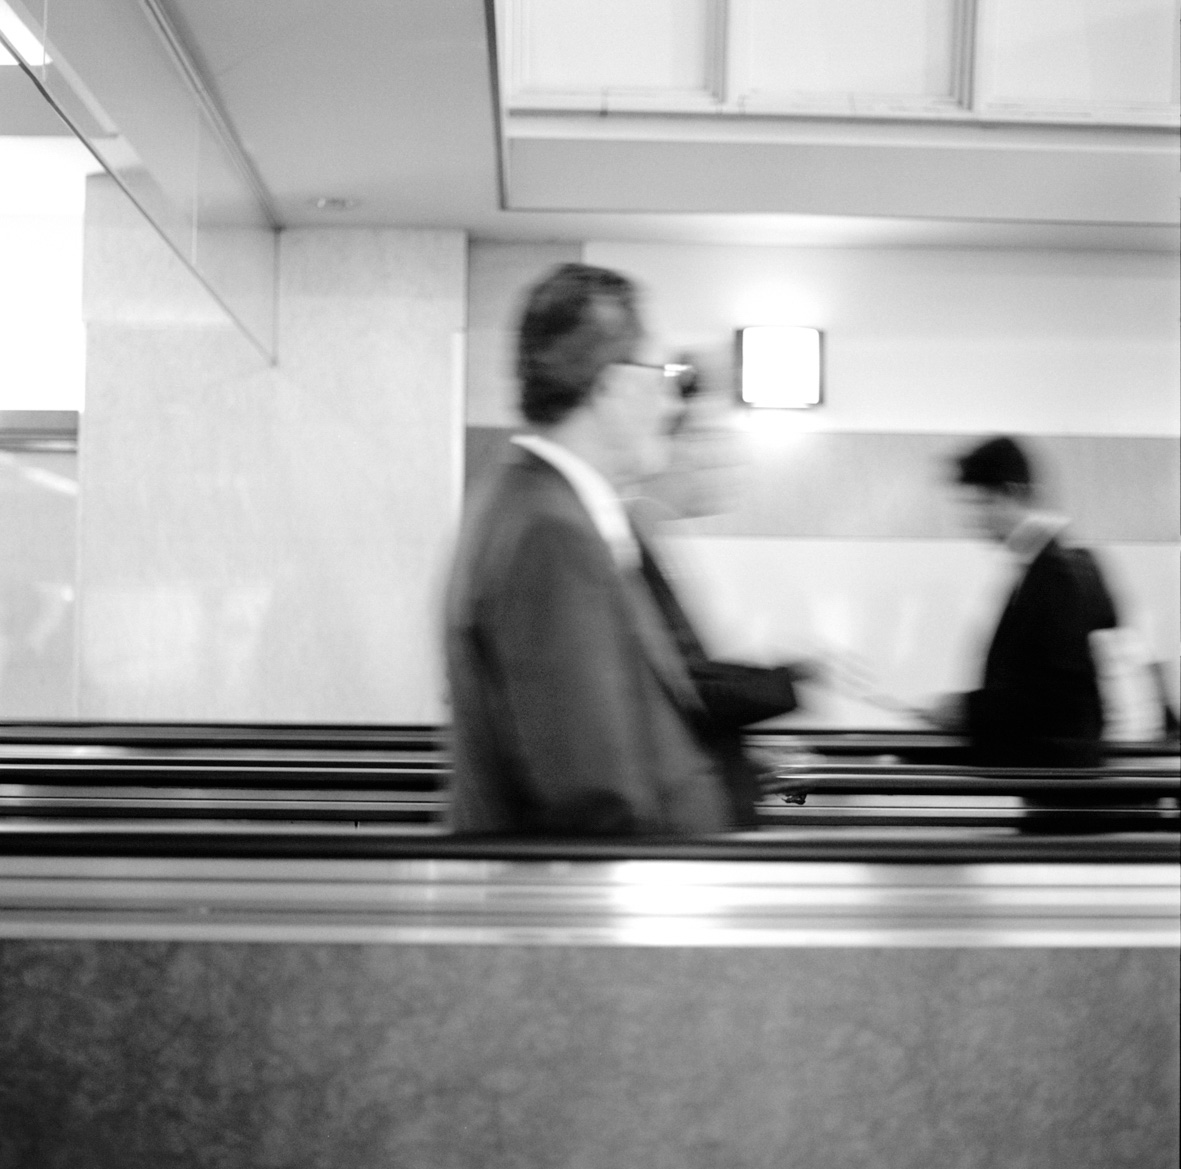 rulletrapp-6.jpg